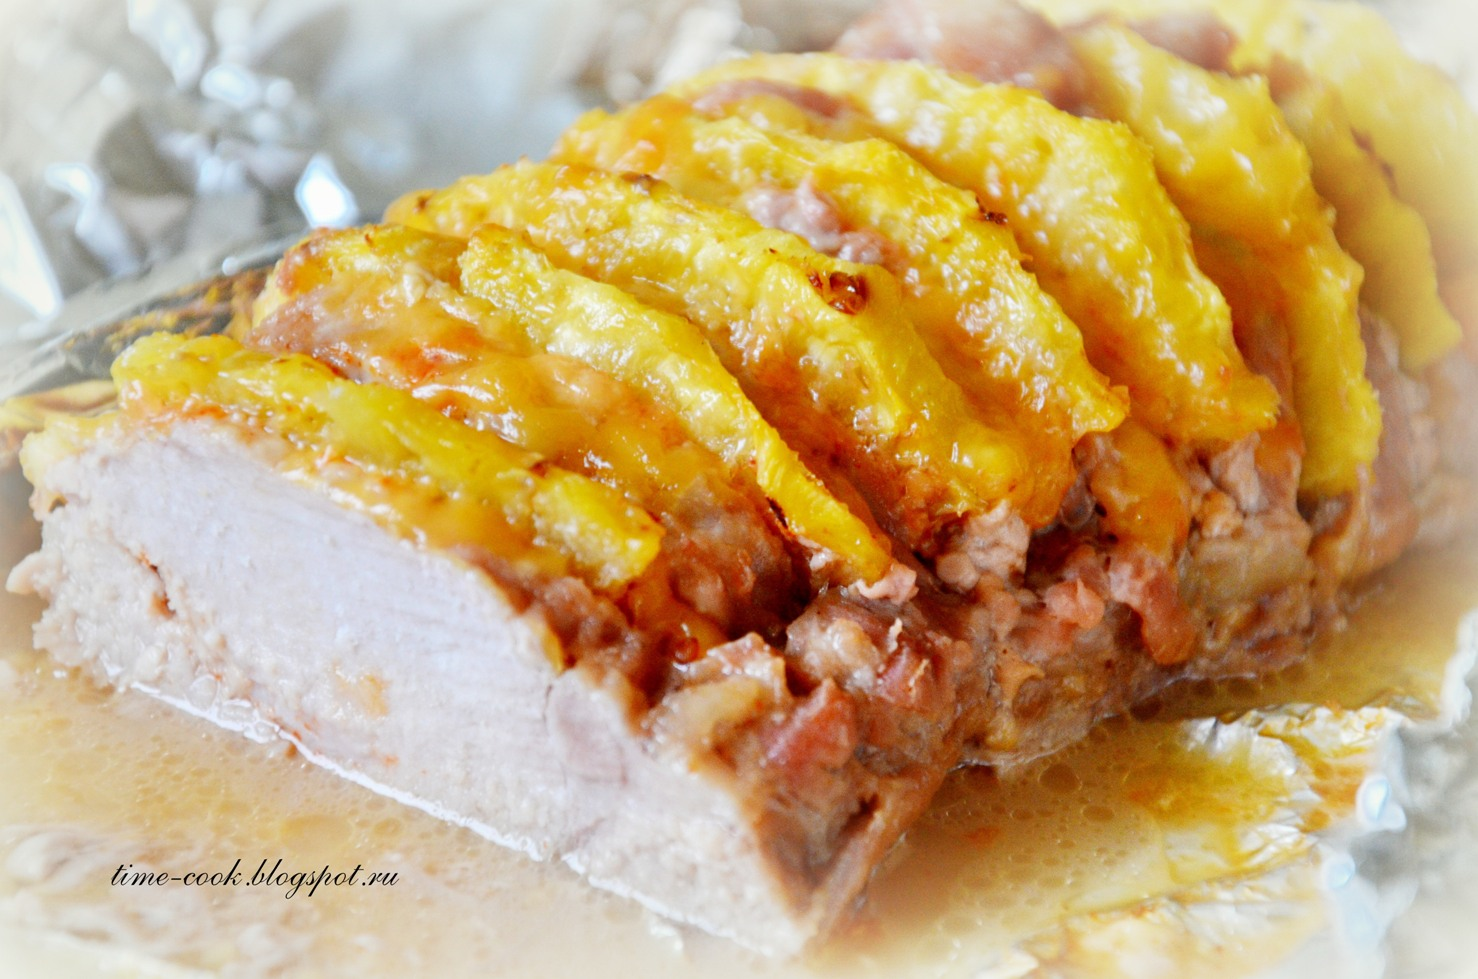 Мясо с сыром и ананасами с фото